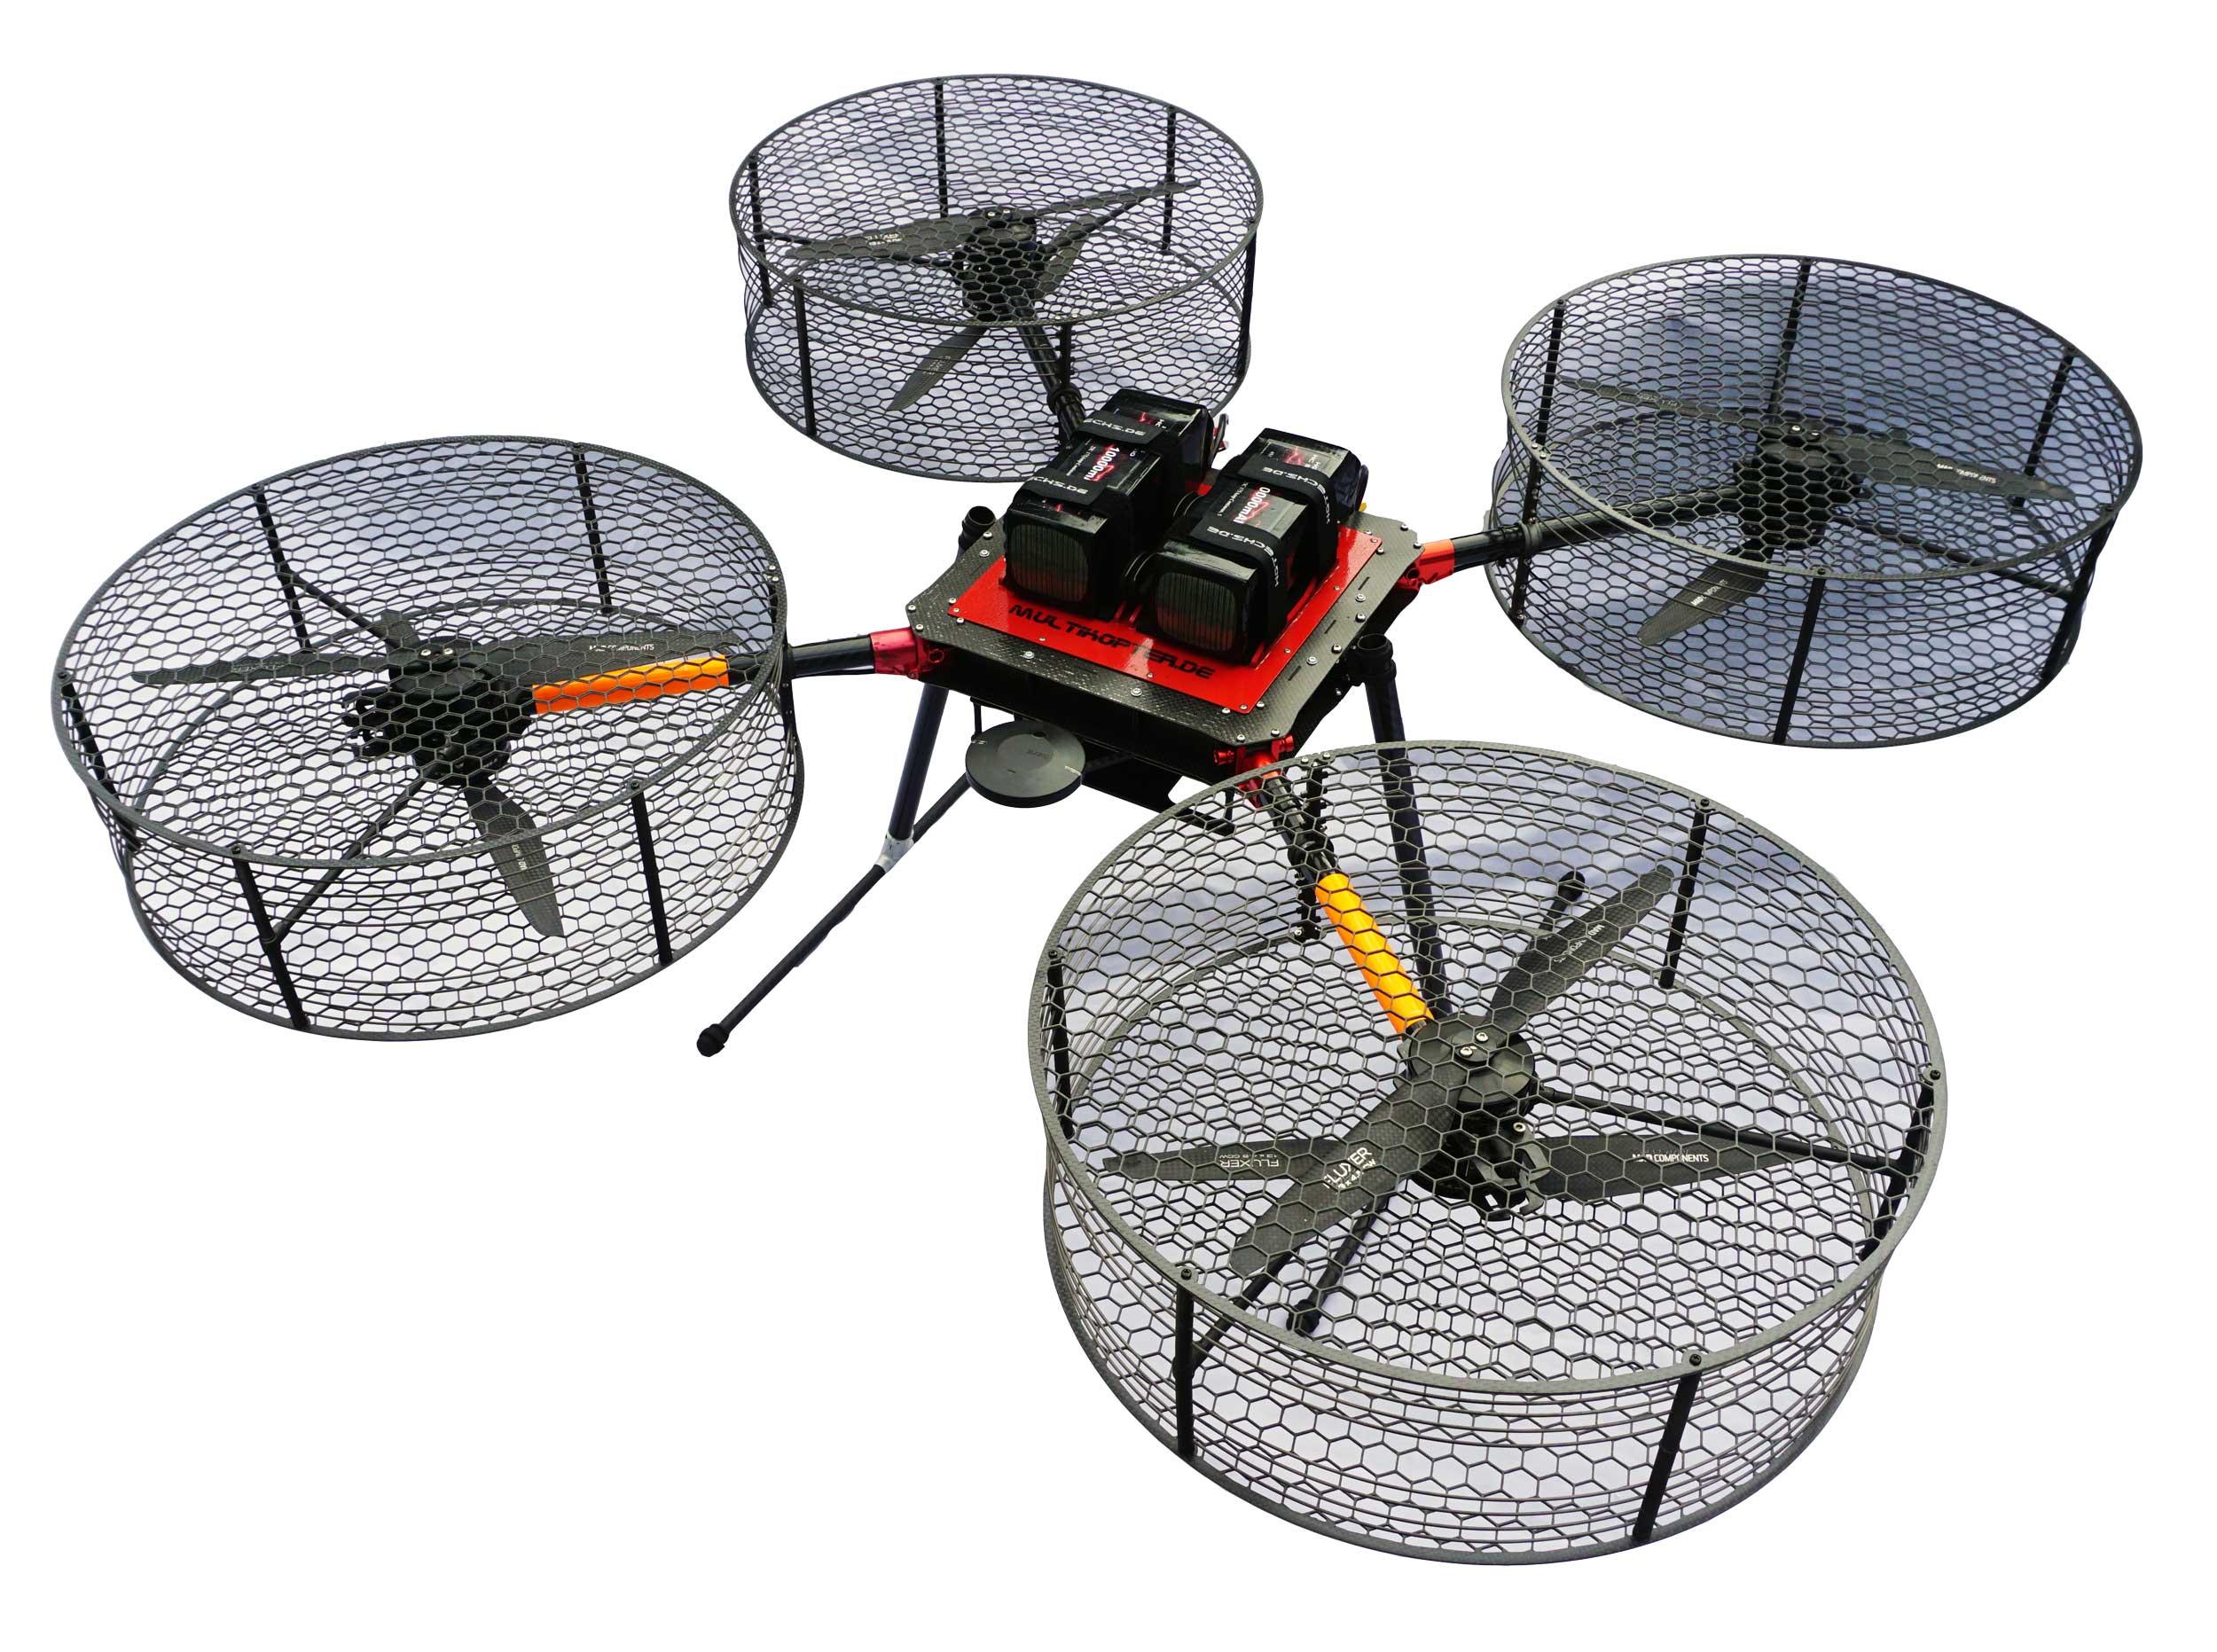 Drohne UAV für Forschungsprojekt inkl. Schutzkäfig